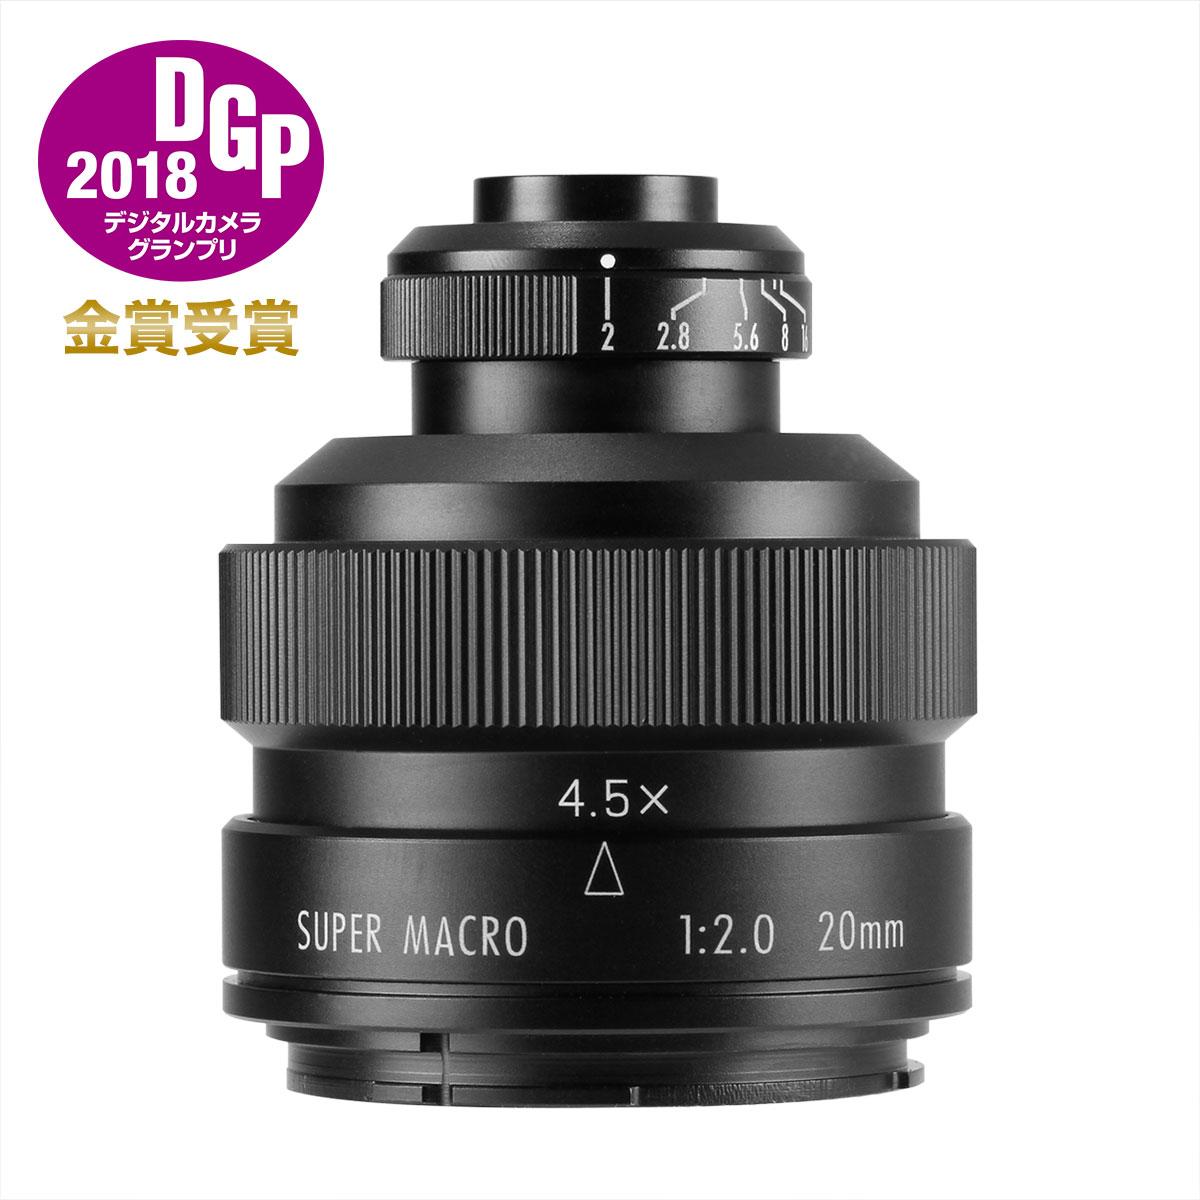 カメラ・ビデオカメラ・光学機器, カメラ用交換レンズ FREEWALKER 20mm F2.0 SUPER MACRO 4-4.5:1